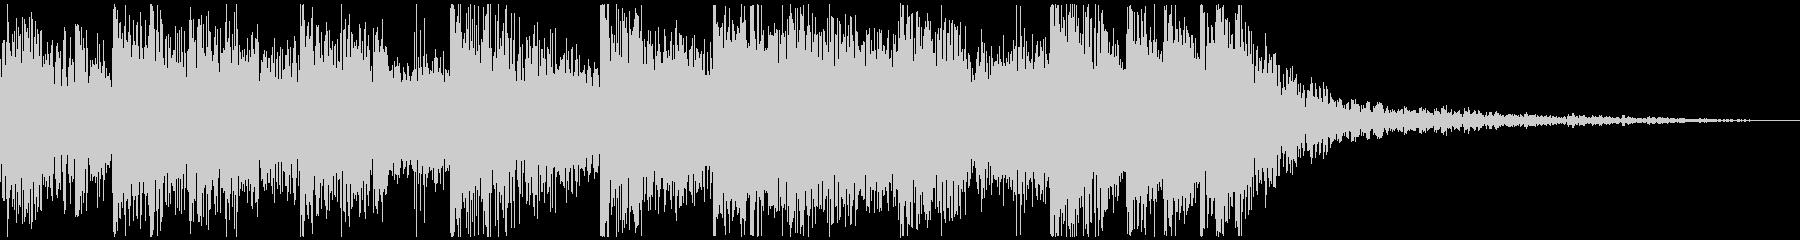 シンセによる宇宙的音色のジングルの未再生の波形